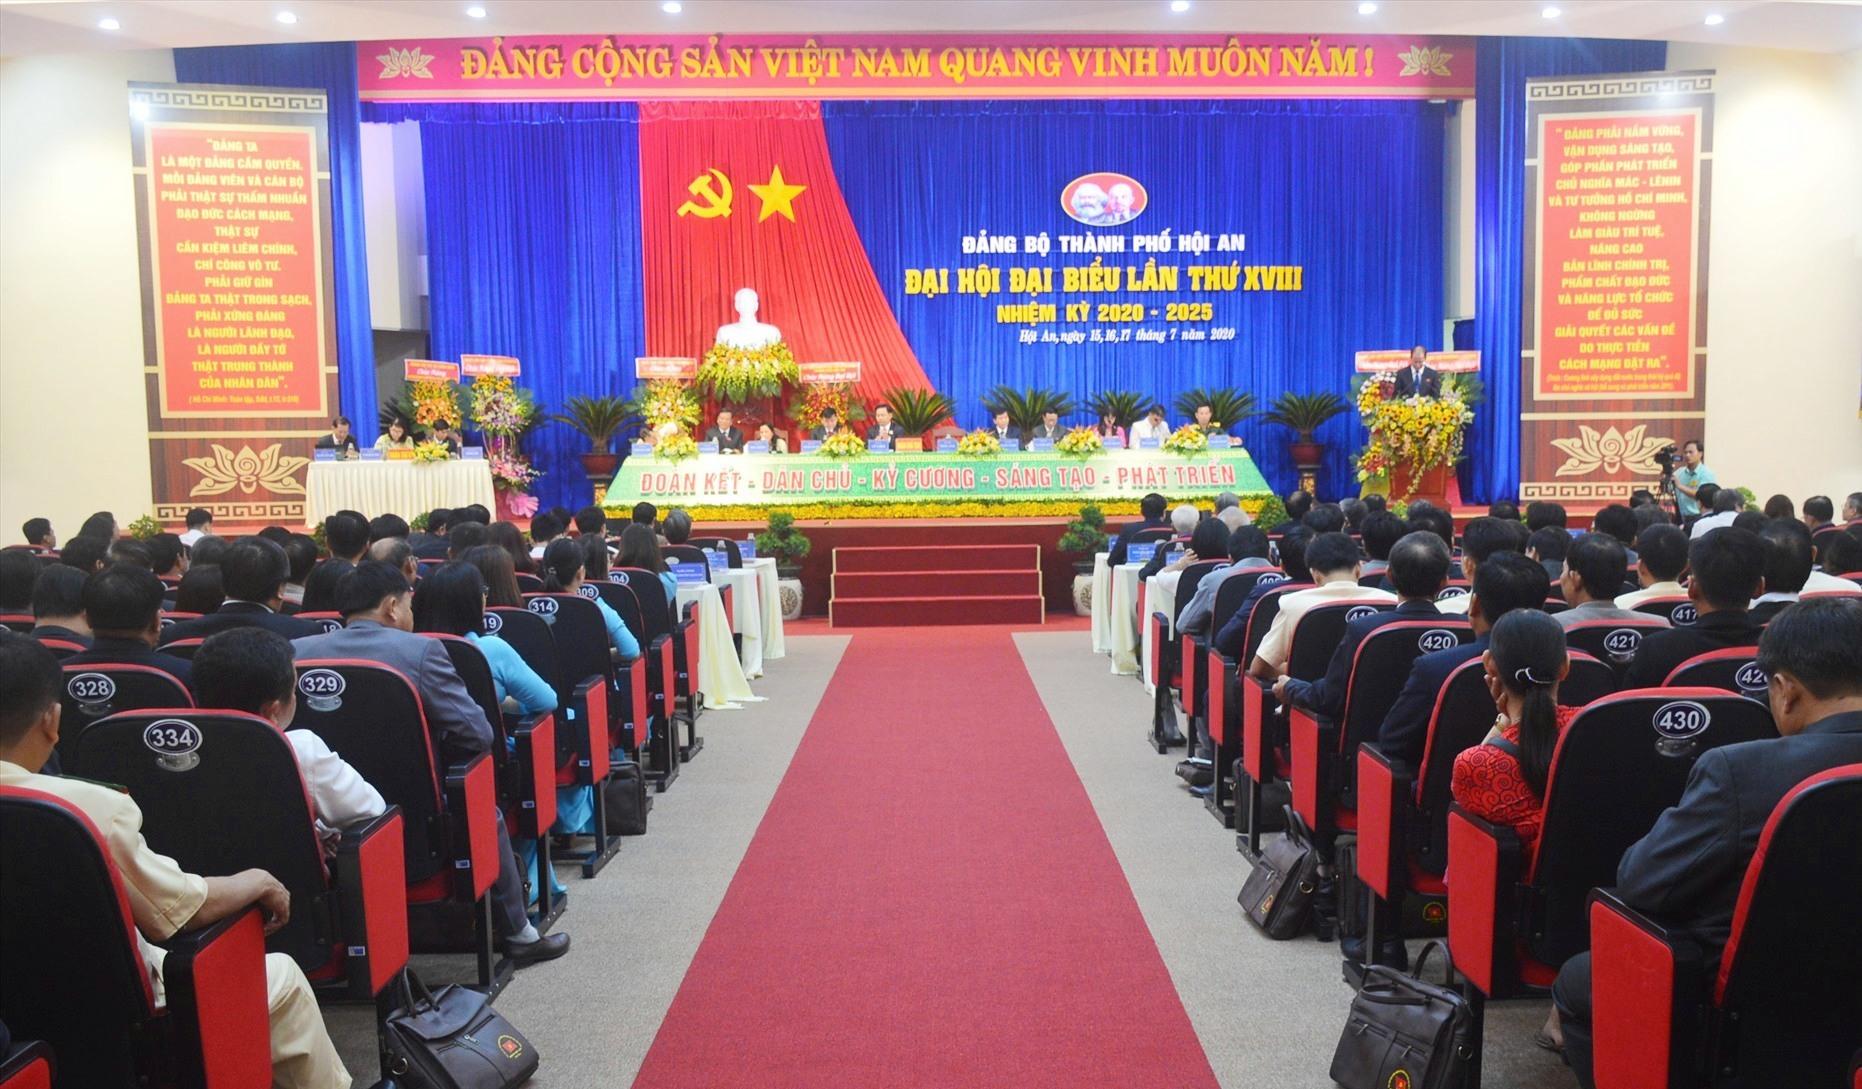 Quang cảnh đại hội Đảng bộ thành phố Hội An lần thứ XVIII. Ảnh: Q.T